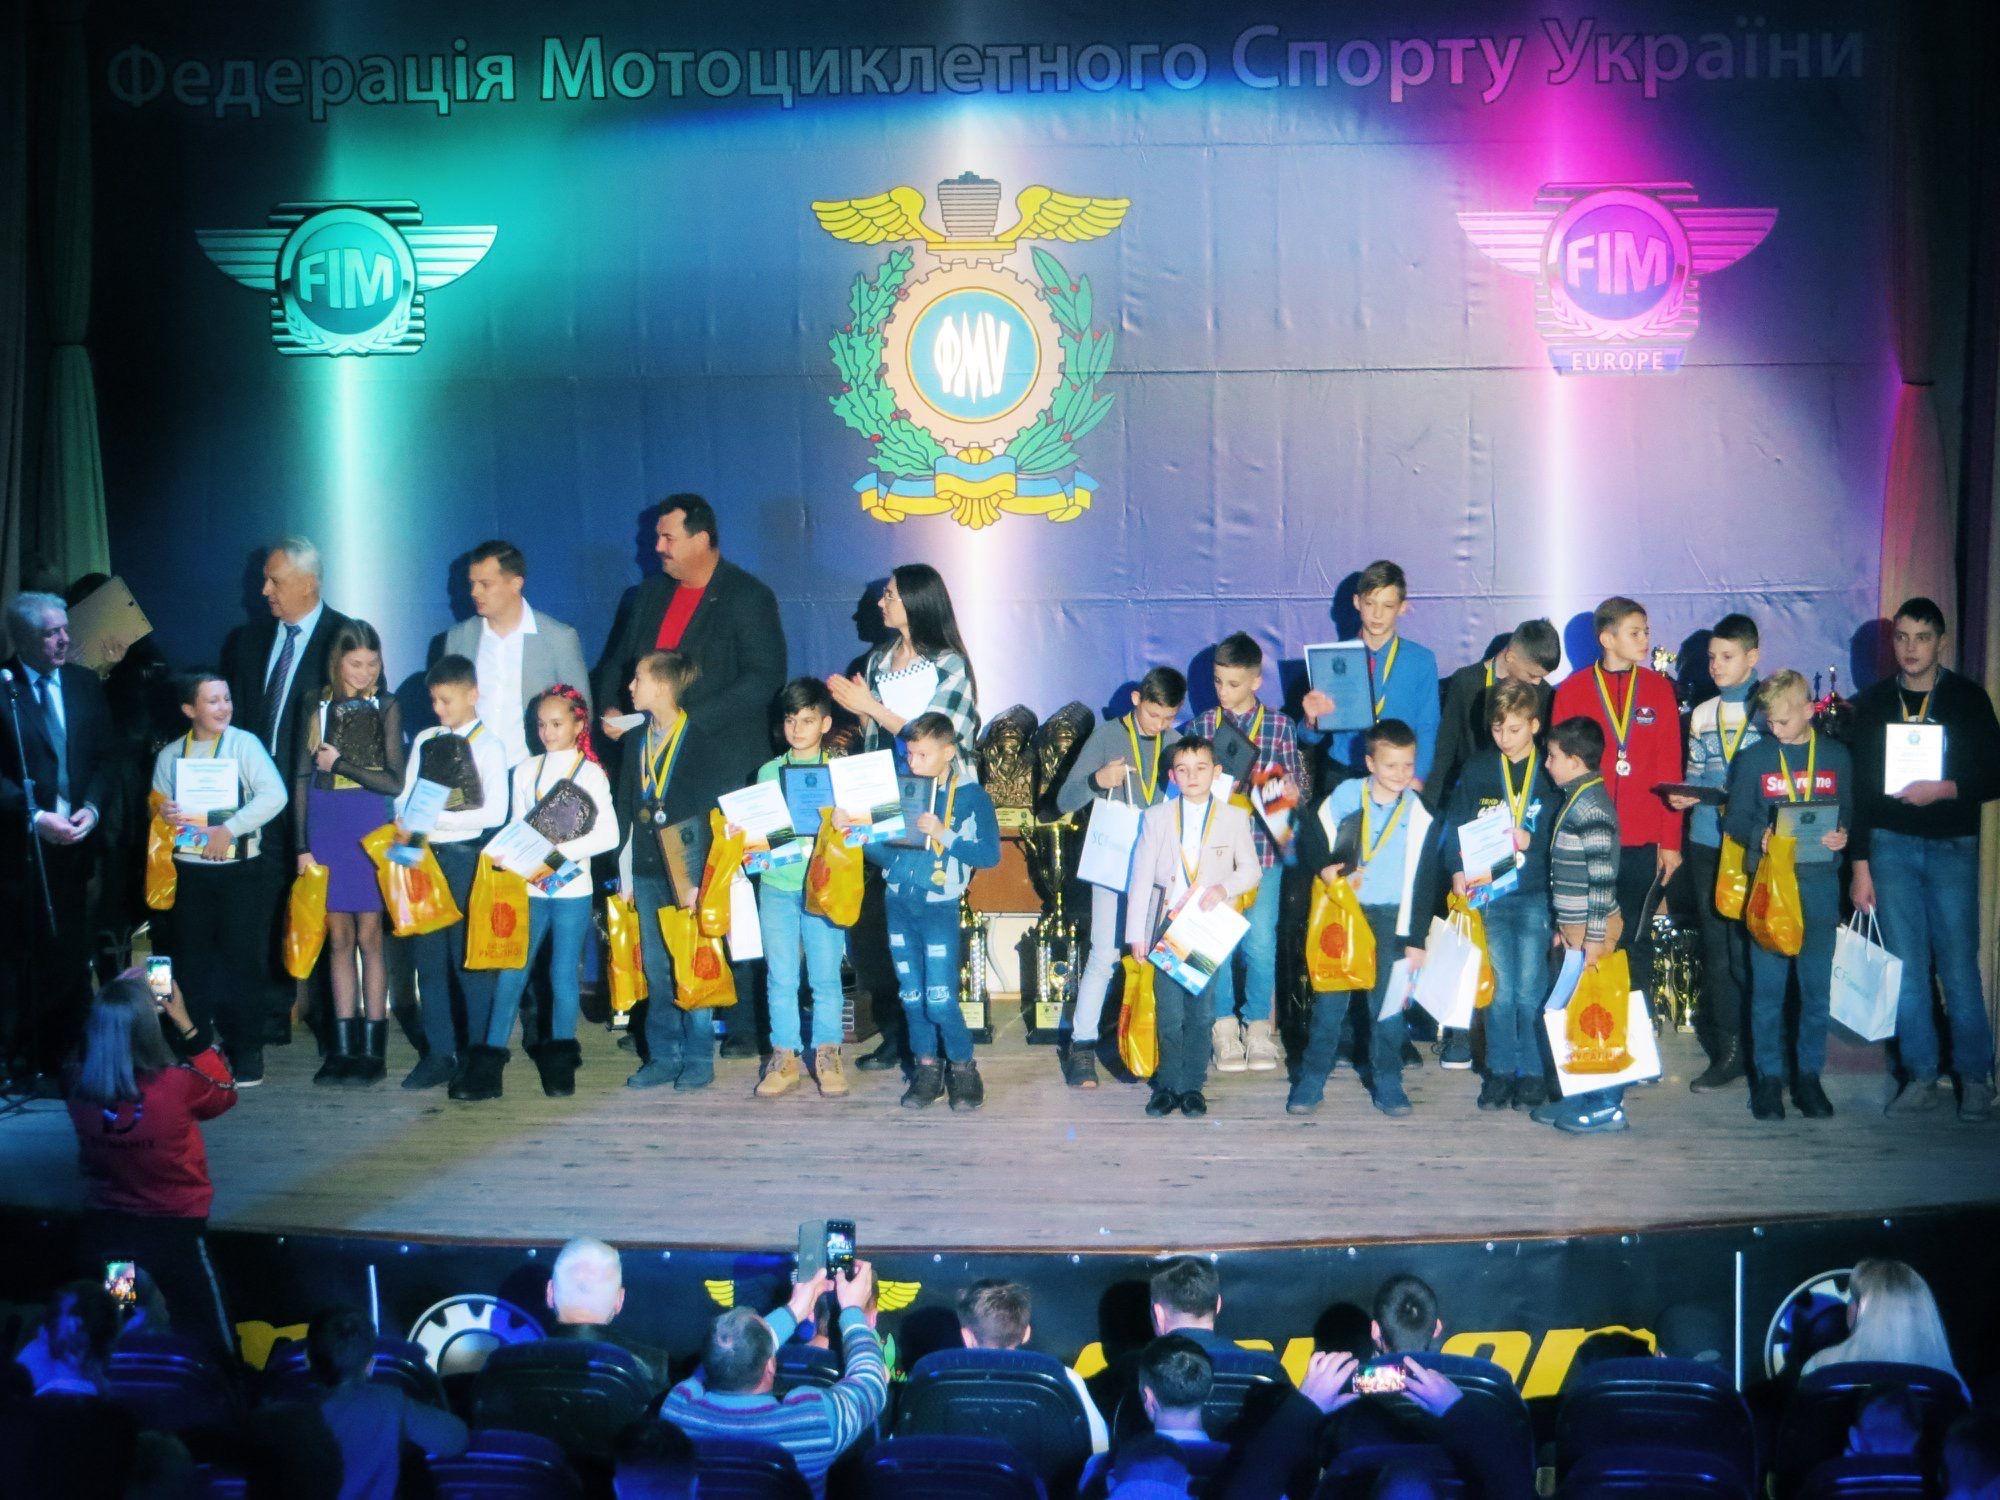 Федерація Мотоциклетного спорту України відзначила найкращих